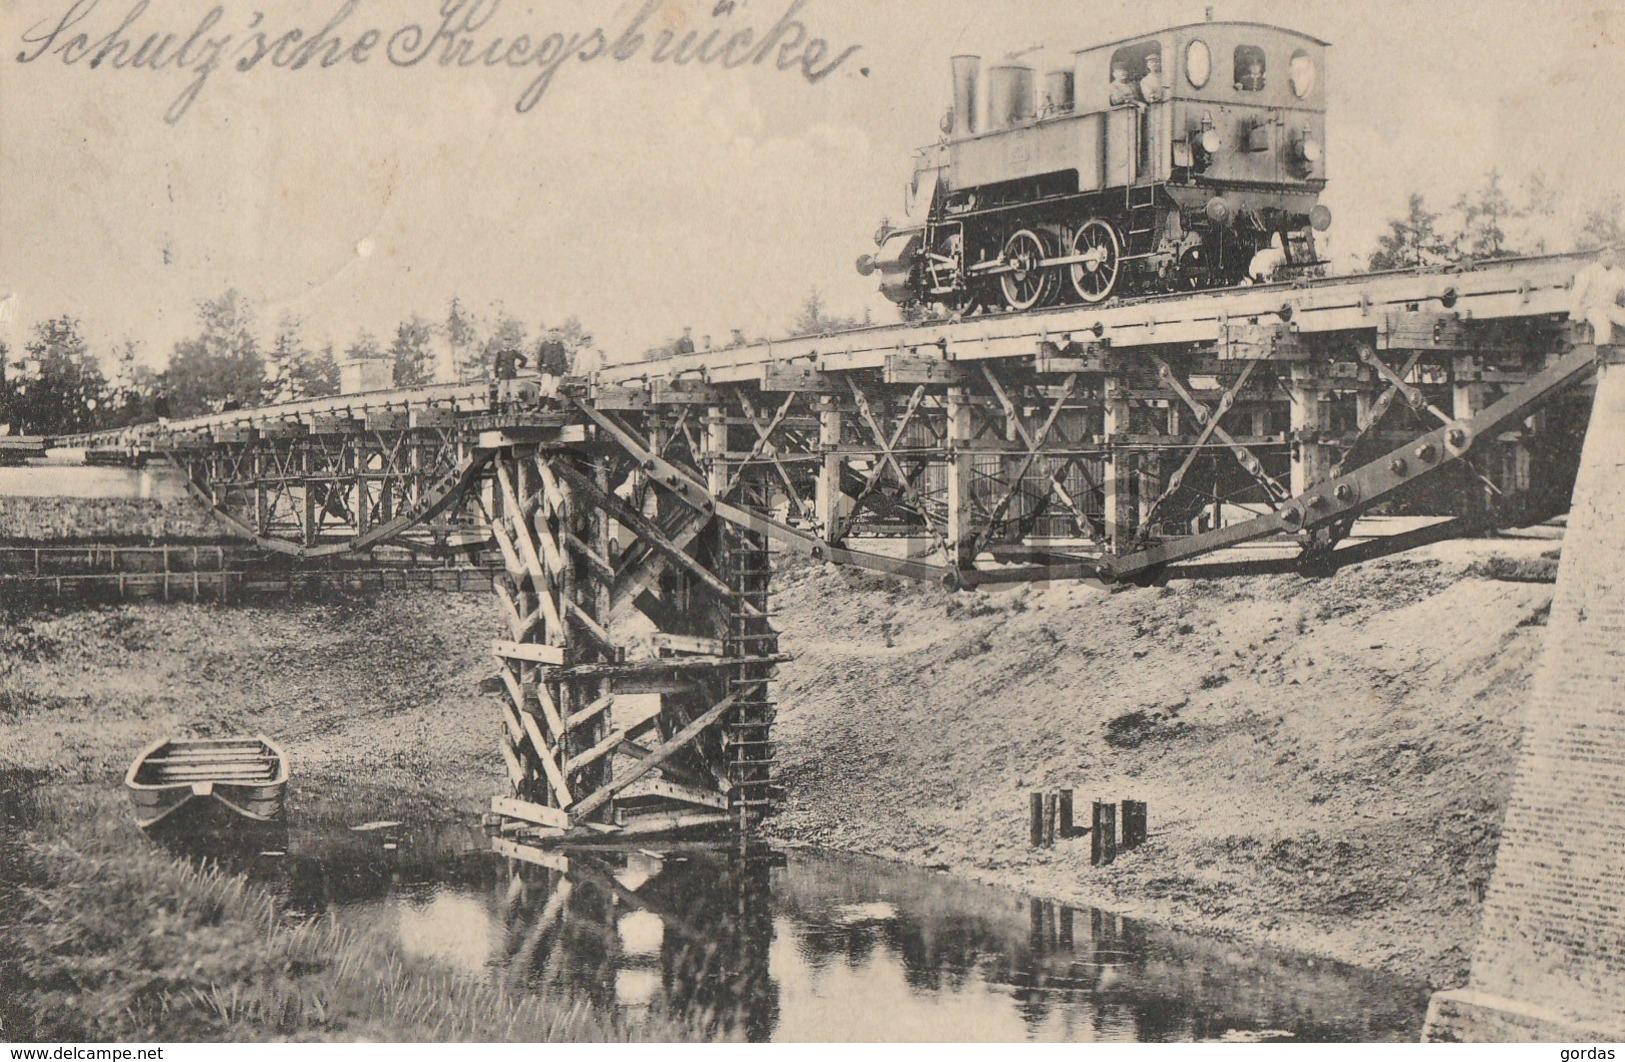 Germany - Munchen - Eisenbahnbataillon - Steam Train Engine - Kriegsbrucke - War Bridge - Trenes